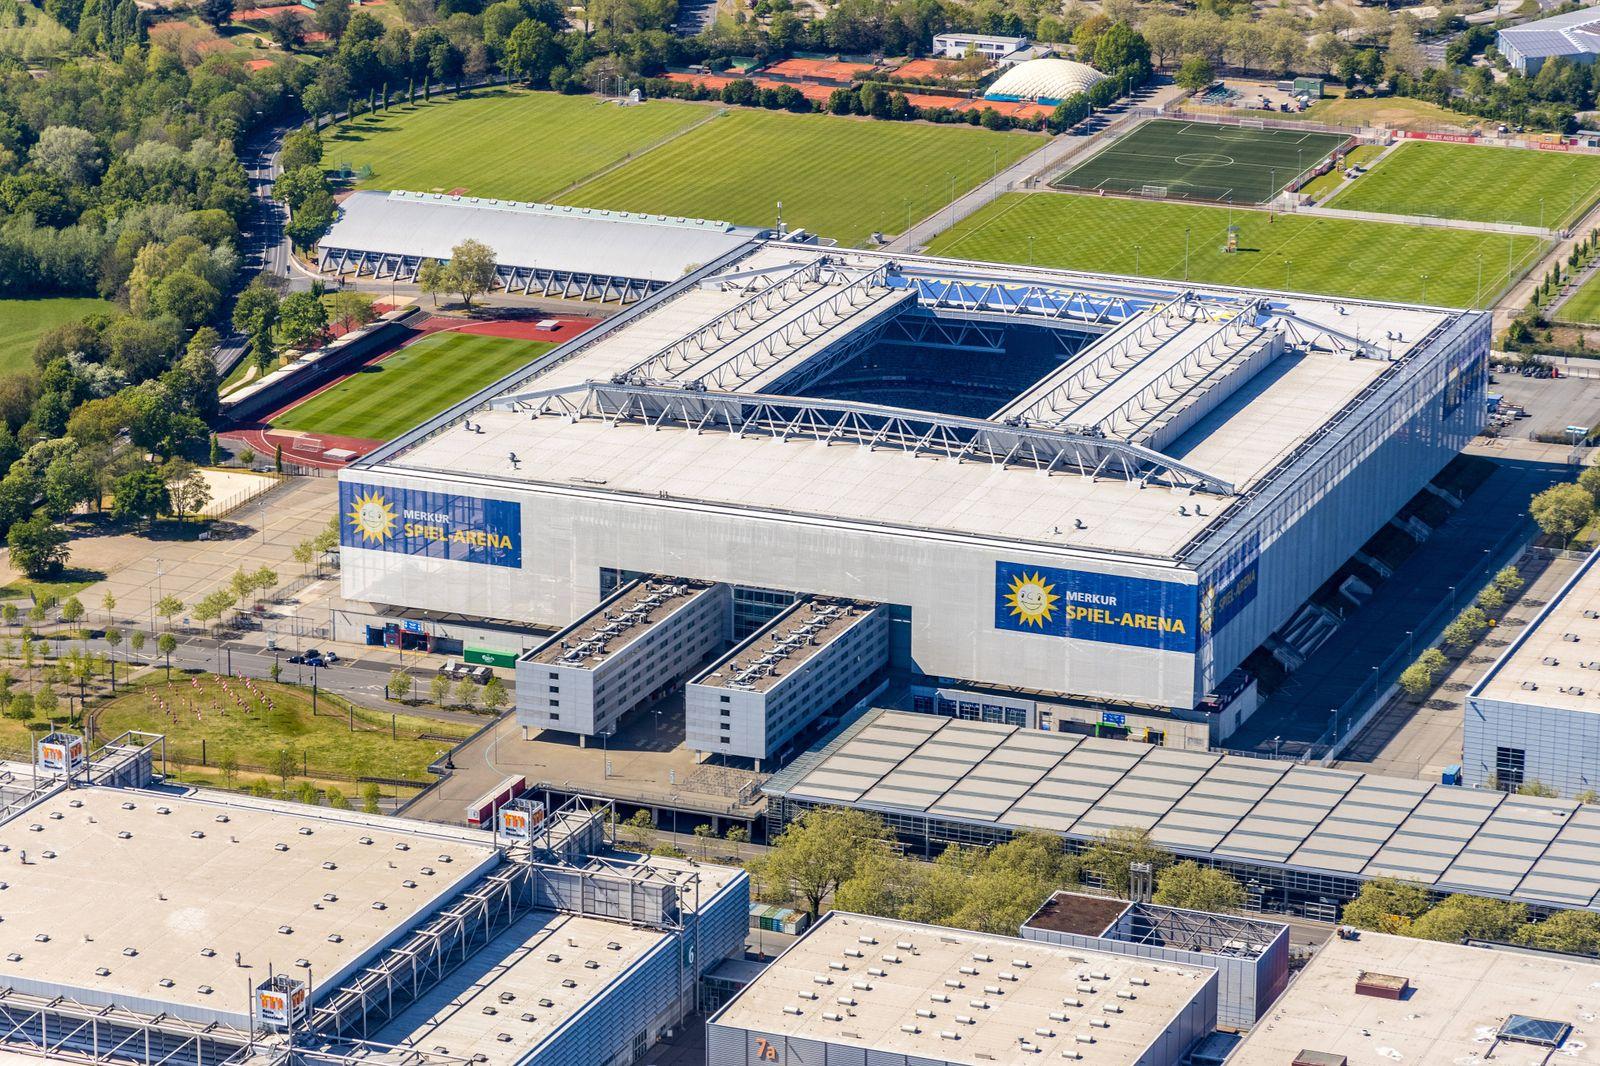 Luftbild, MERKUR SPIEL-ARENA Fu?ballstadion, D¸sseldorf, Rheinland, Nordrhein-Westfalen, Deutschland !ACHTUNGxMINDESTHON